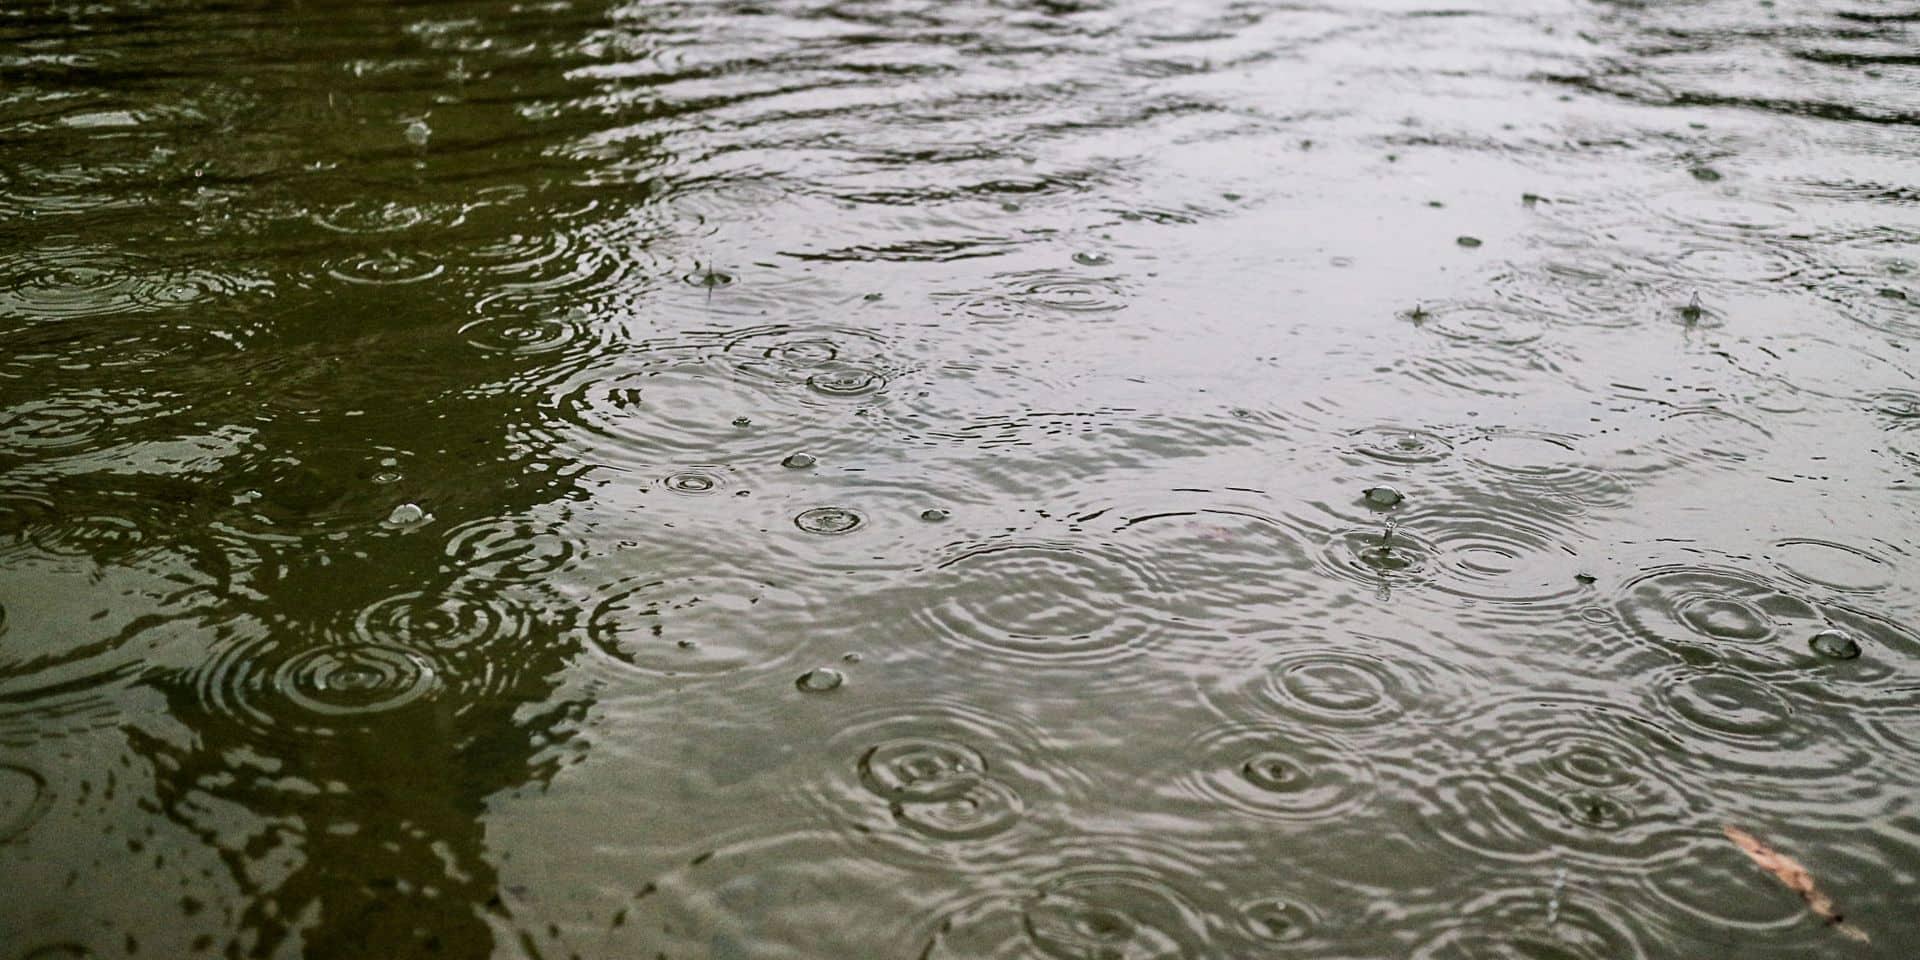 Météo: Un temps progressivement plus sec